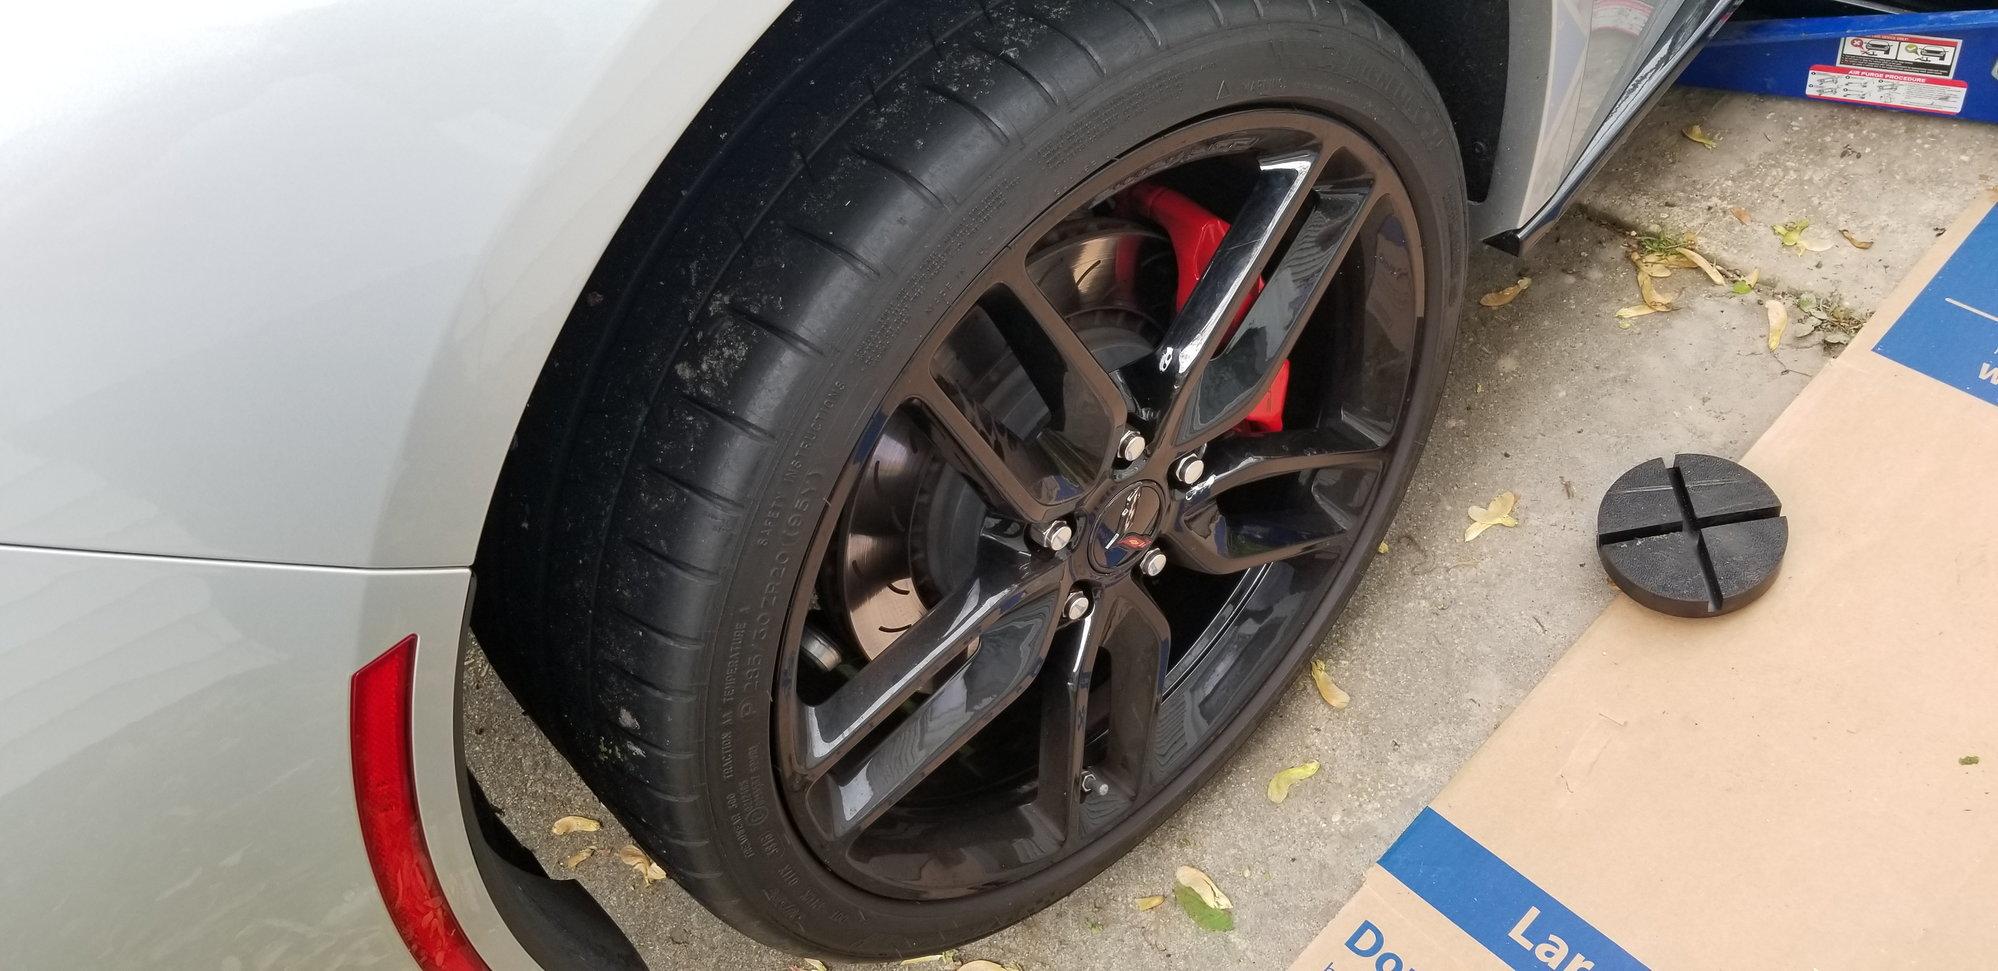 Fs For Sale 2017 M7 Z51 7500 Miles Lt1 Corvetteforum Chevrolet Corvette Forum Discussion